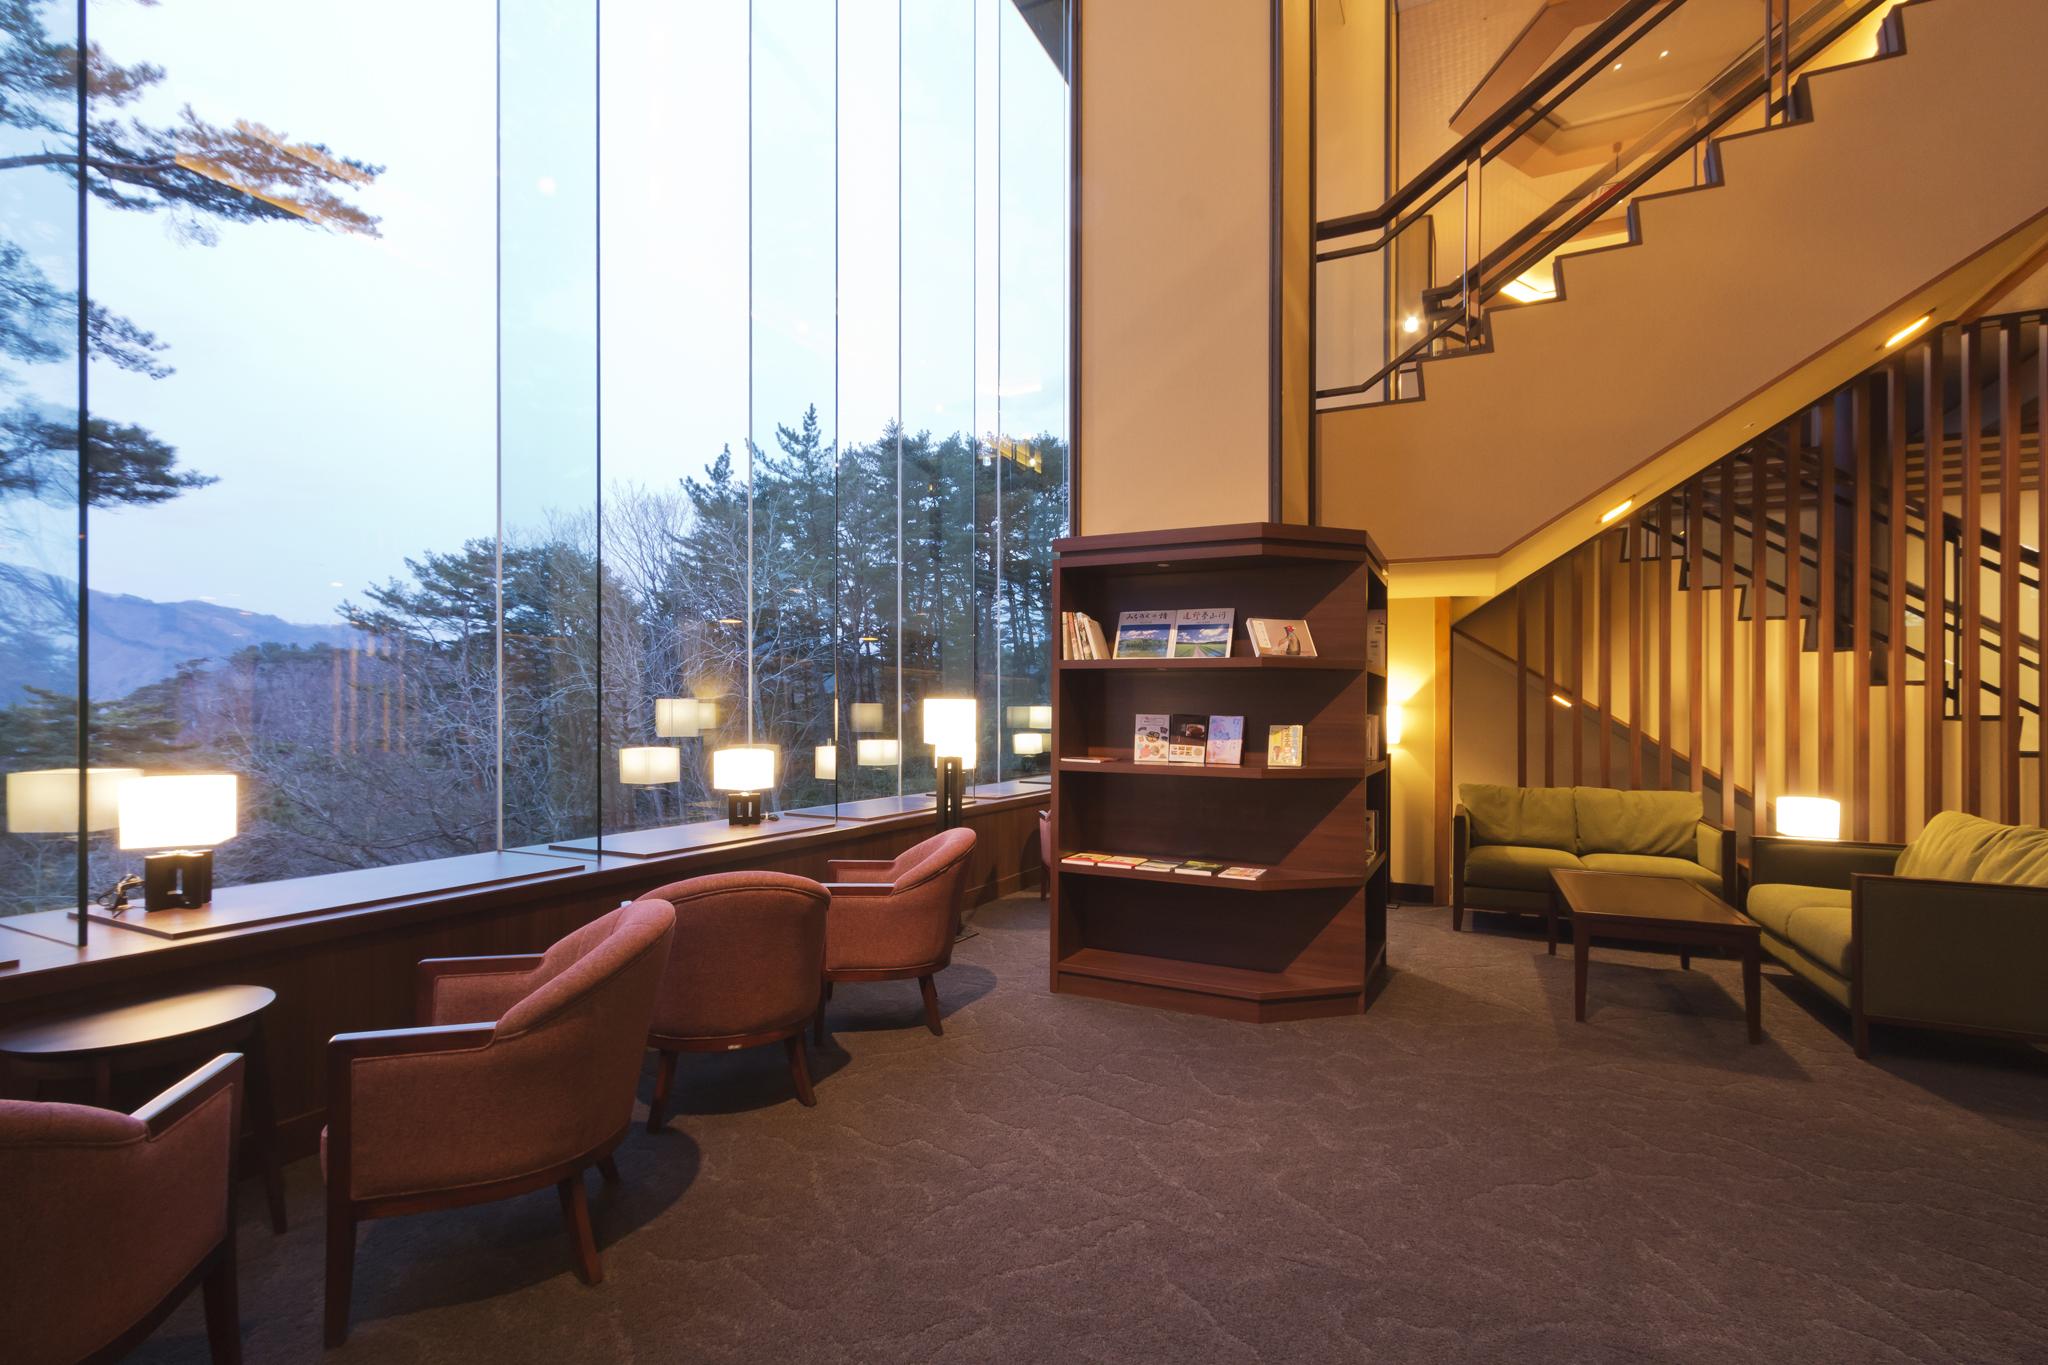 ライブラリーラウンジ ご宿泊のお客様に、館内でゆっくりとお過ごし頂けるライブラリーラウンジが2Fにございます。